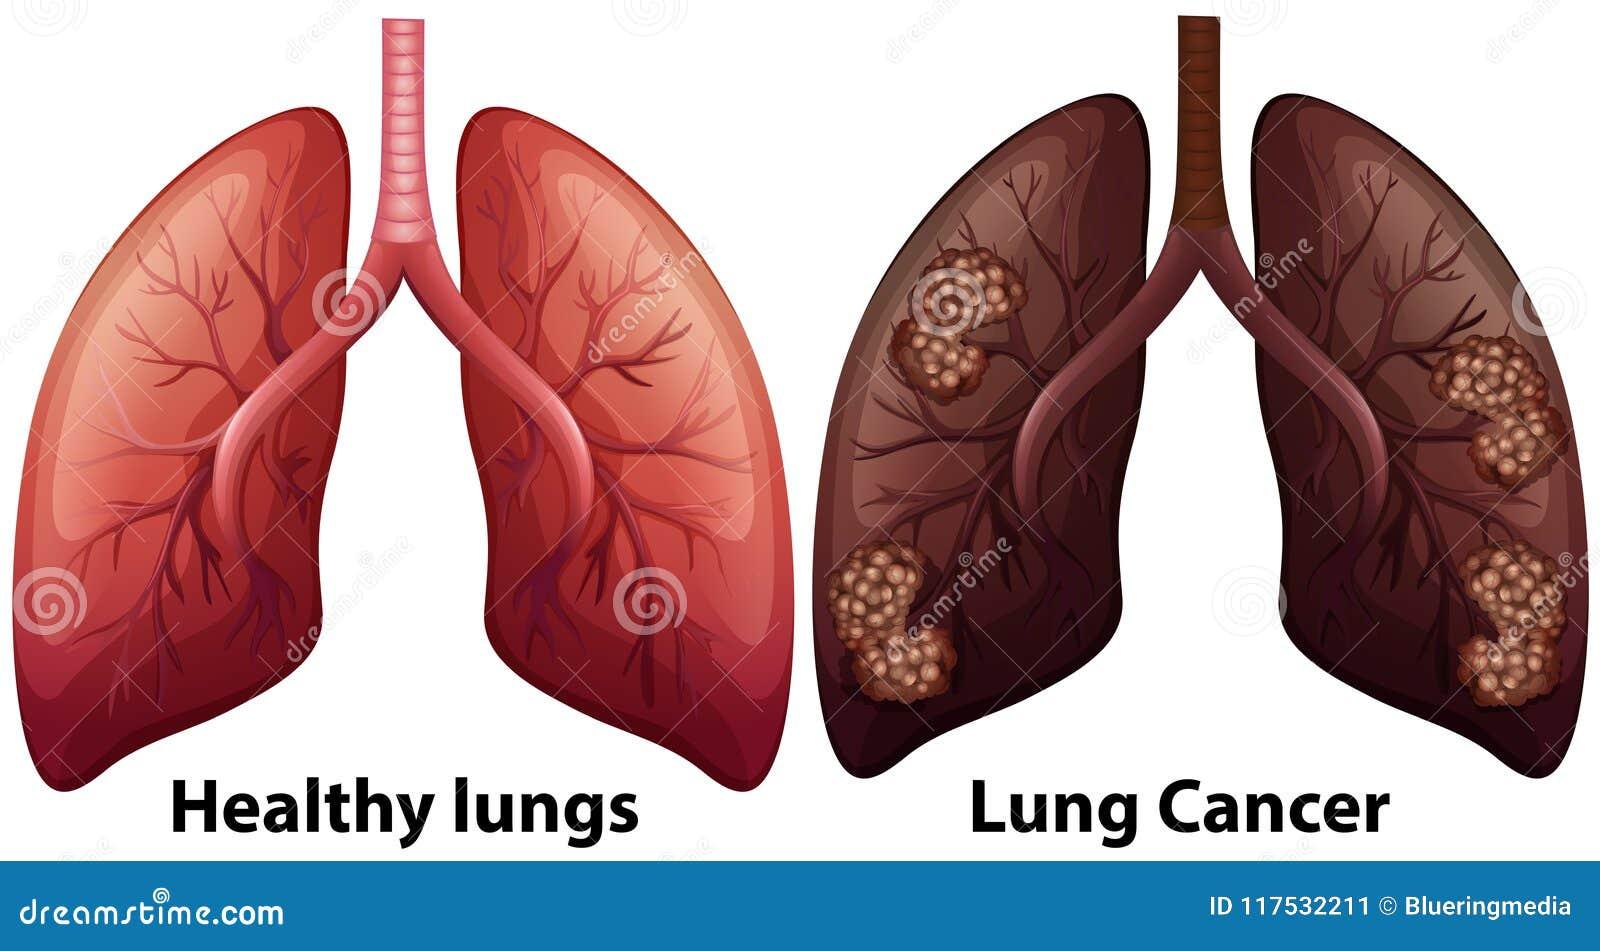 lung disease symptoms